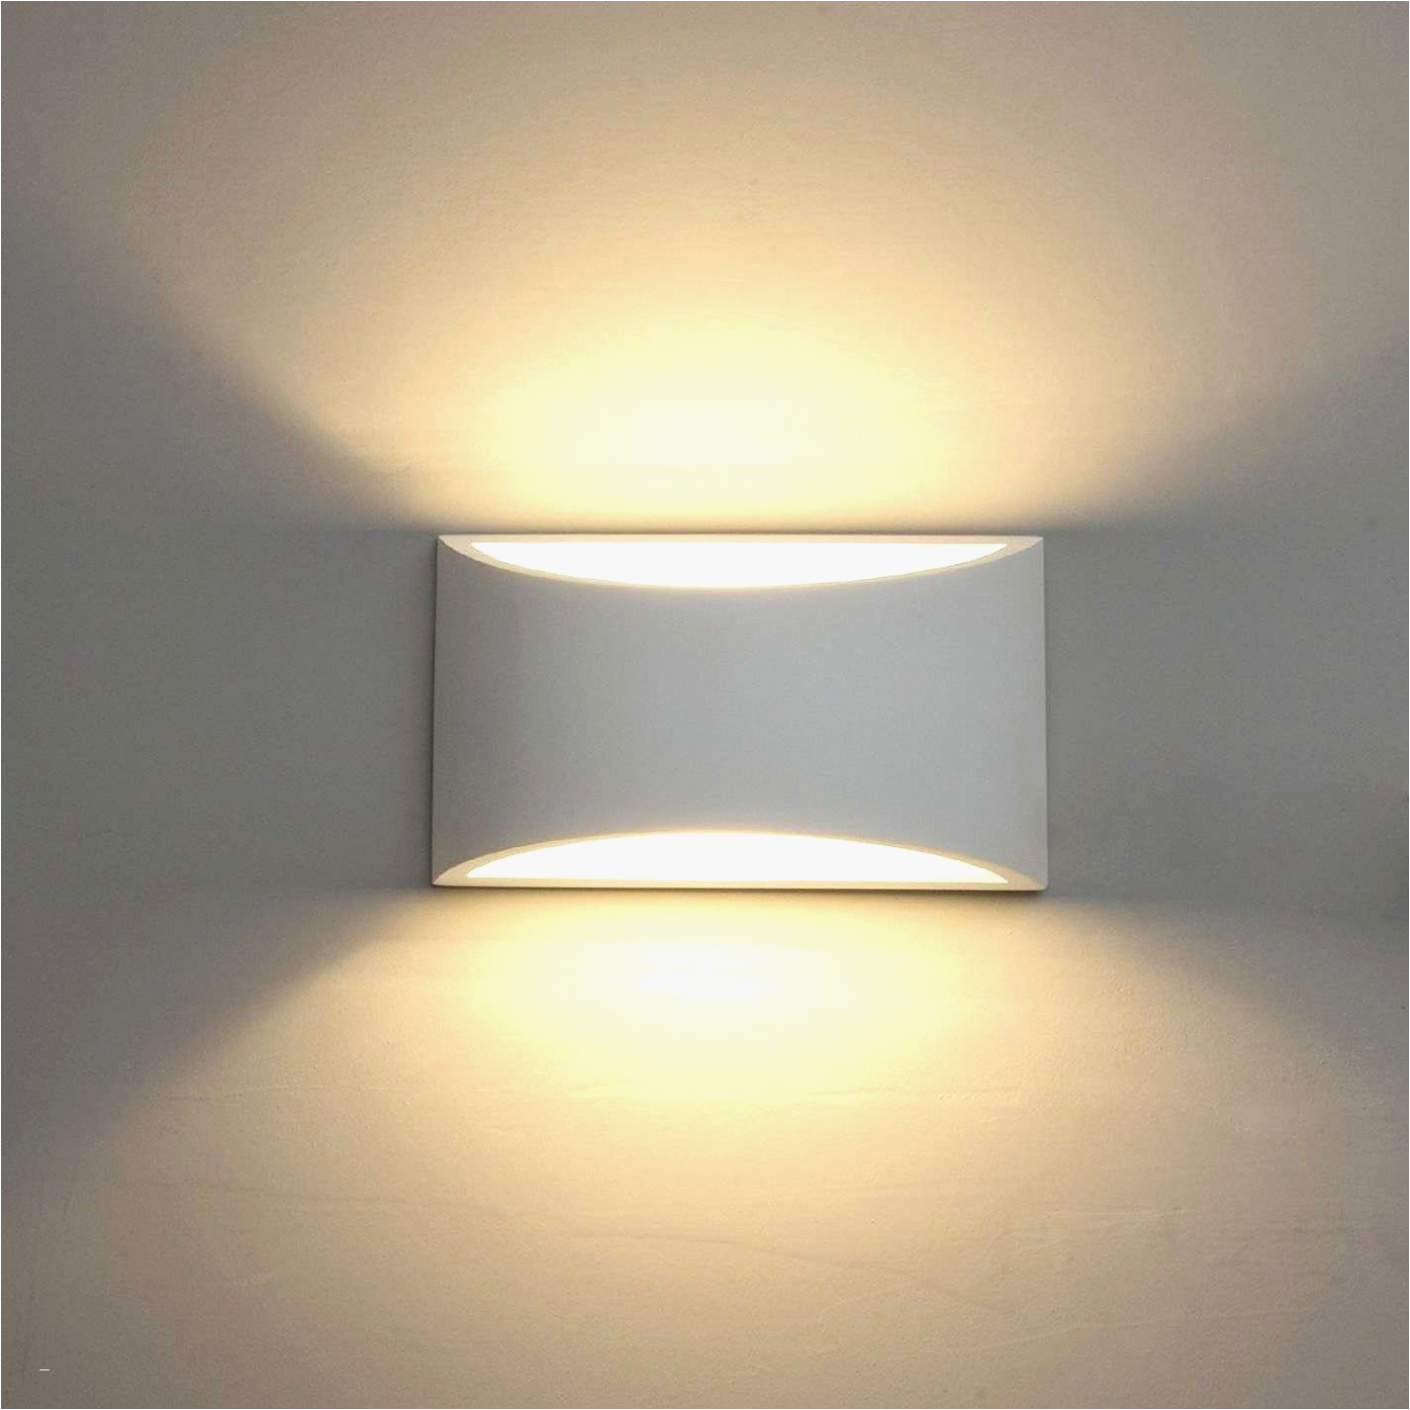 wanddesign wohnzimmer reizend deckenlampe schlafzimmer 0d archives design von led lampen of wanddesign wohnzimmer